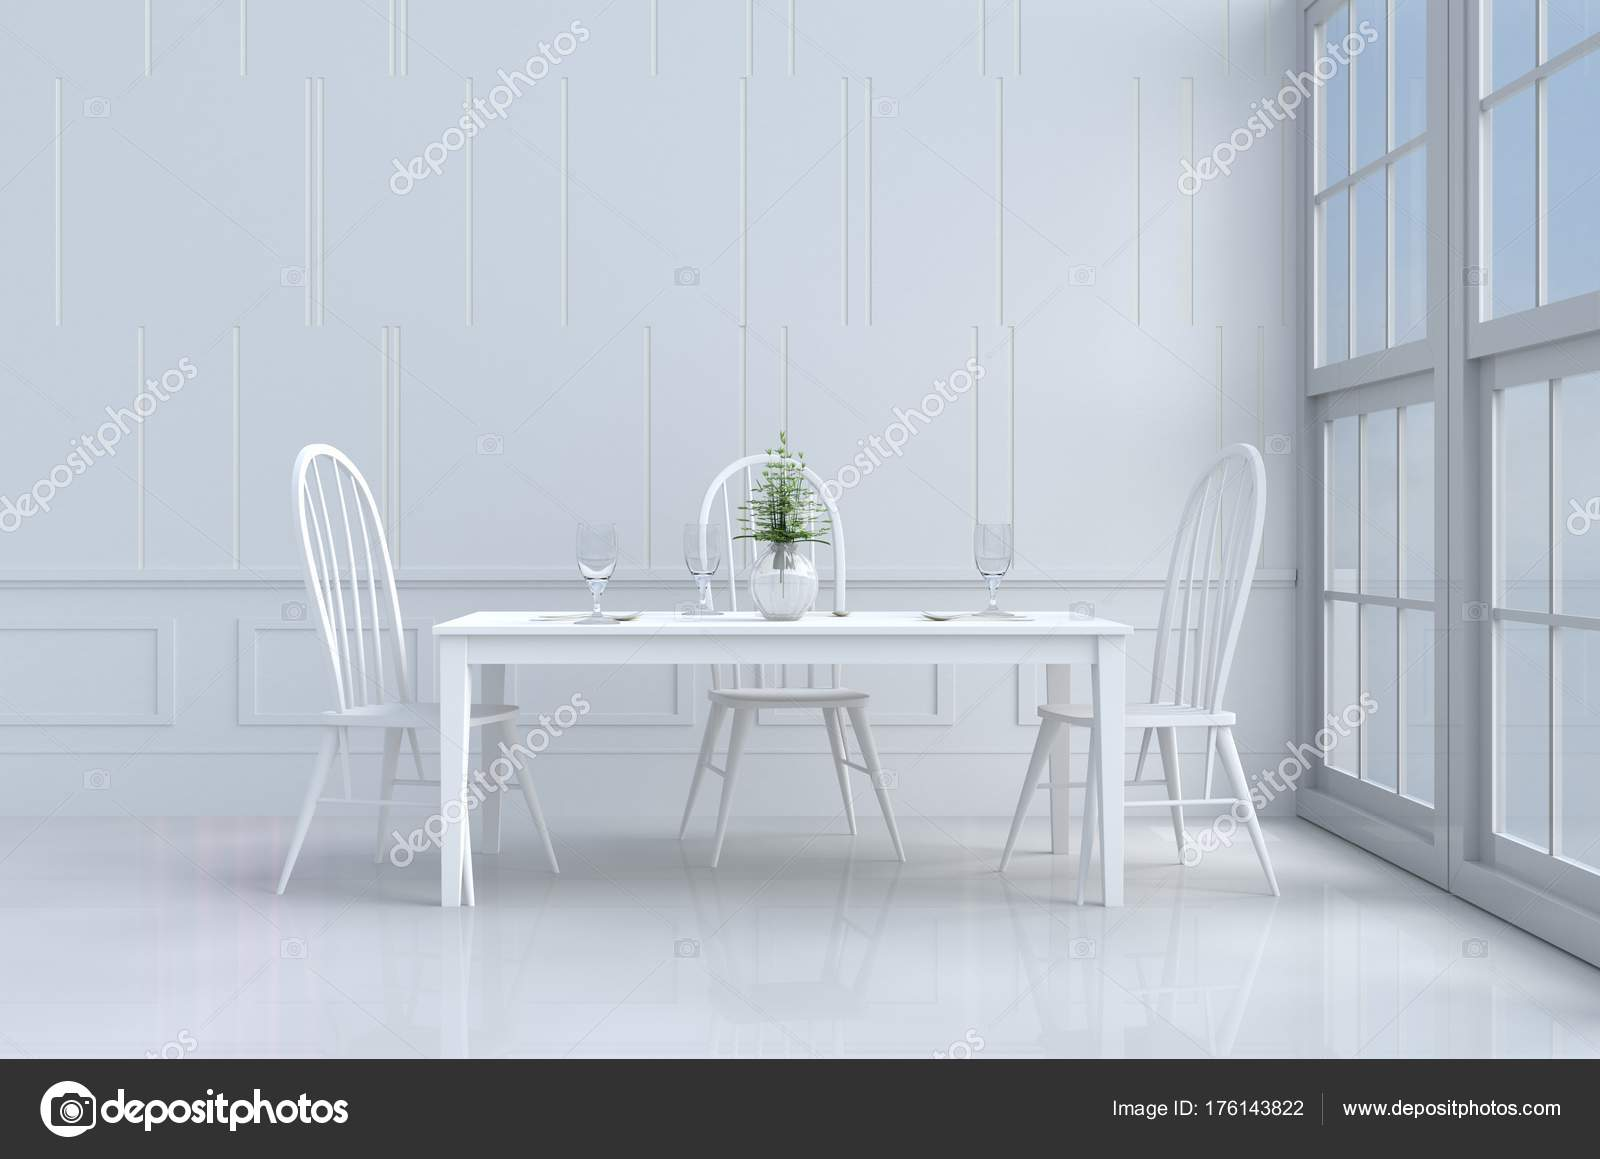 Weiss Essen Zimmer Dekoriert Mit Baum Vase Weißen Stuhl Und ...